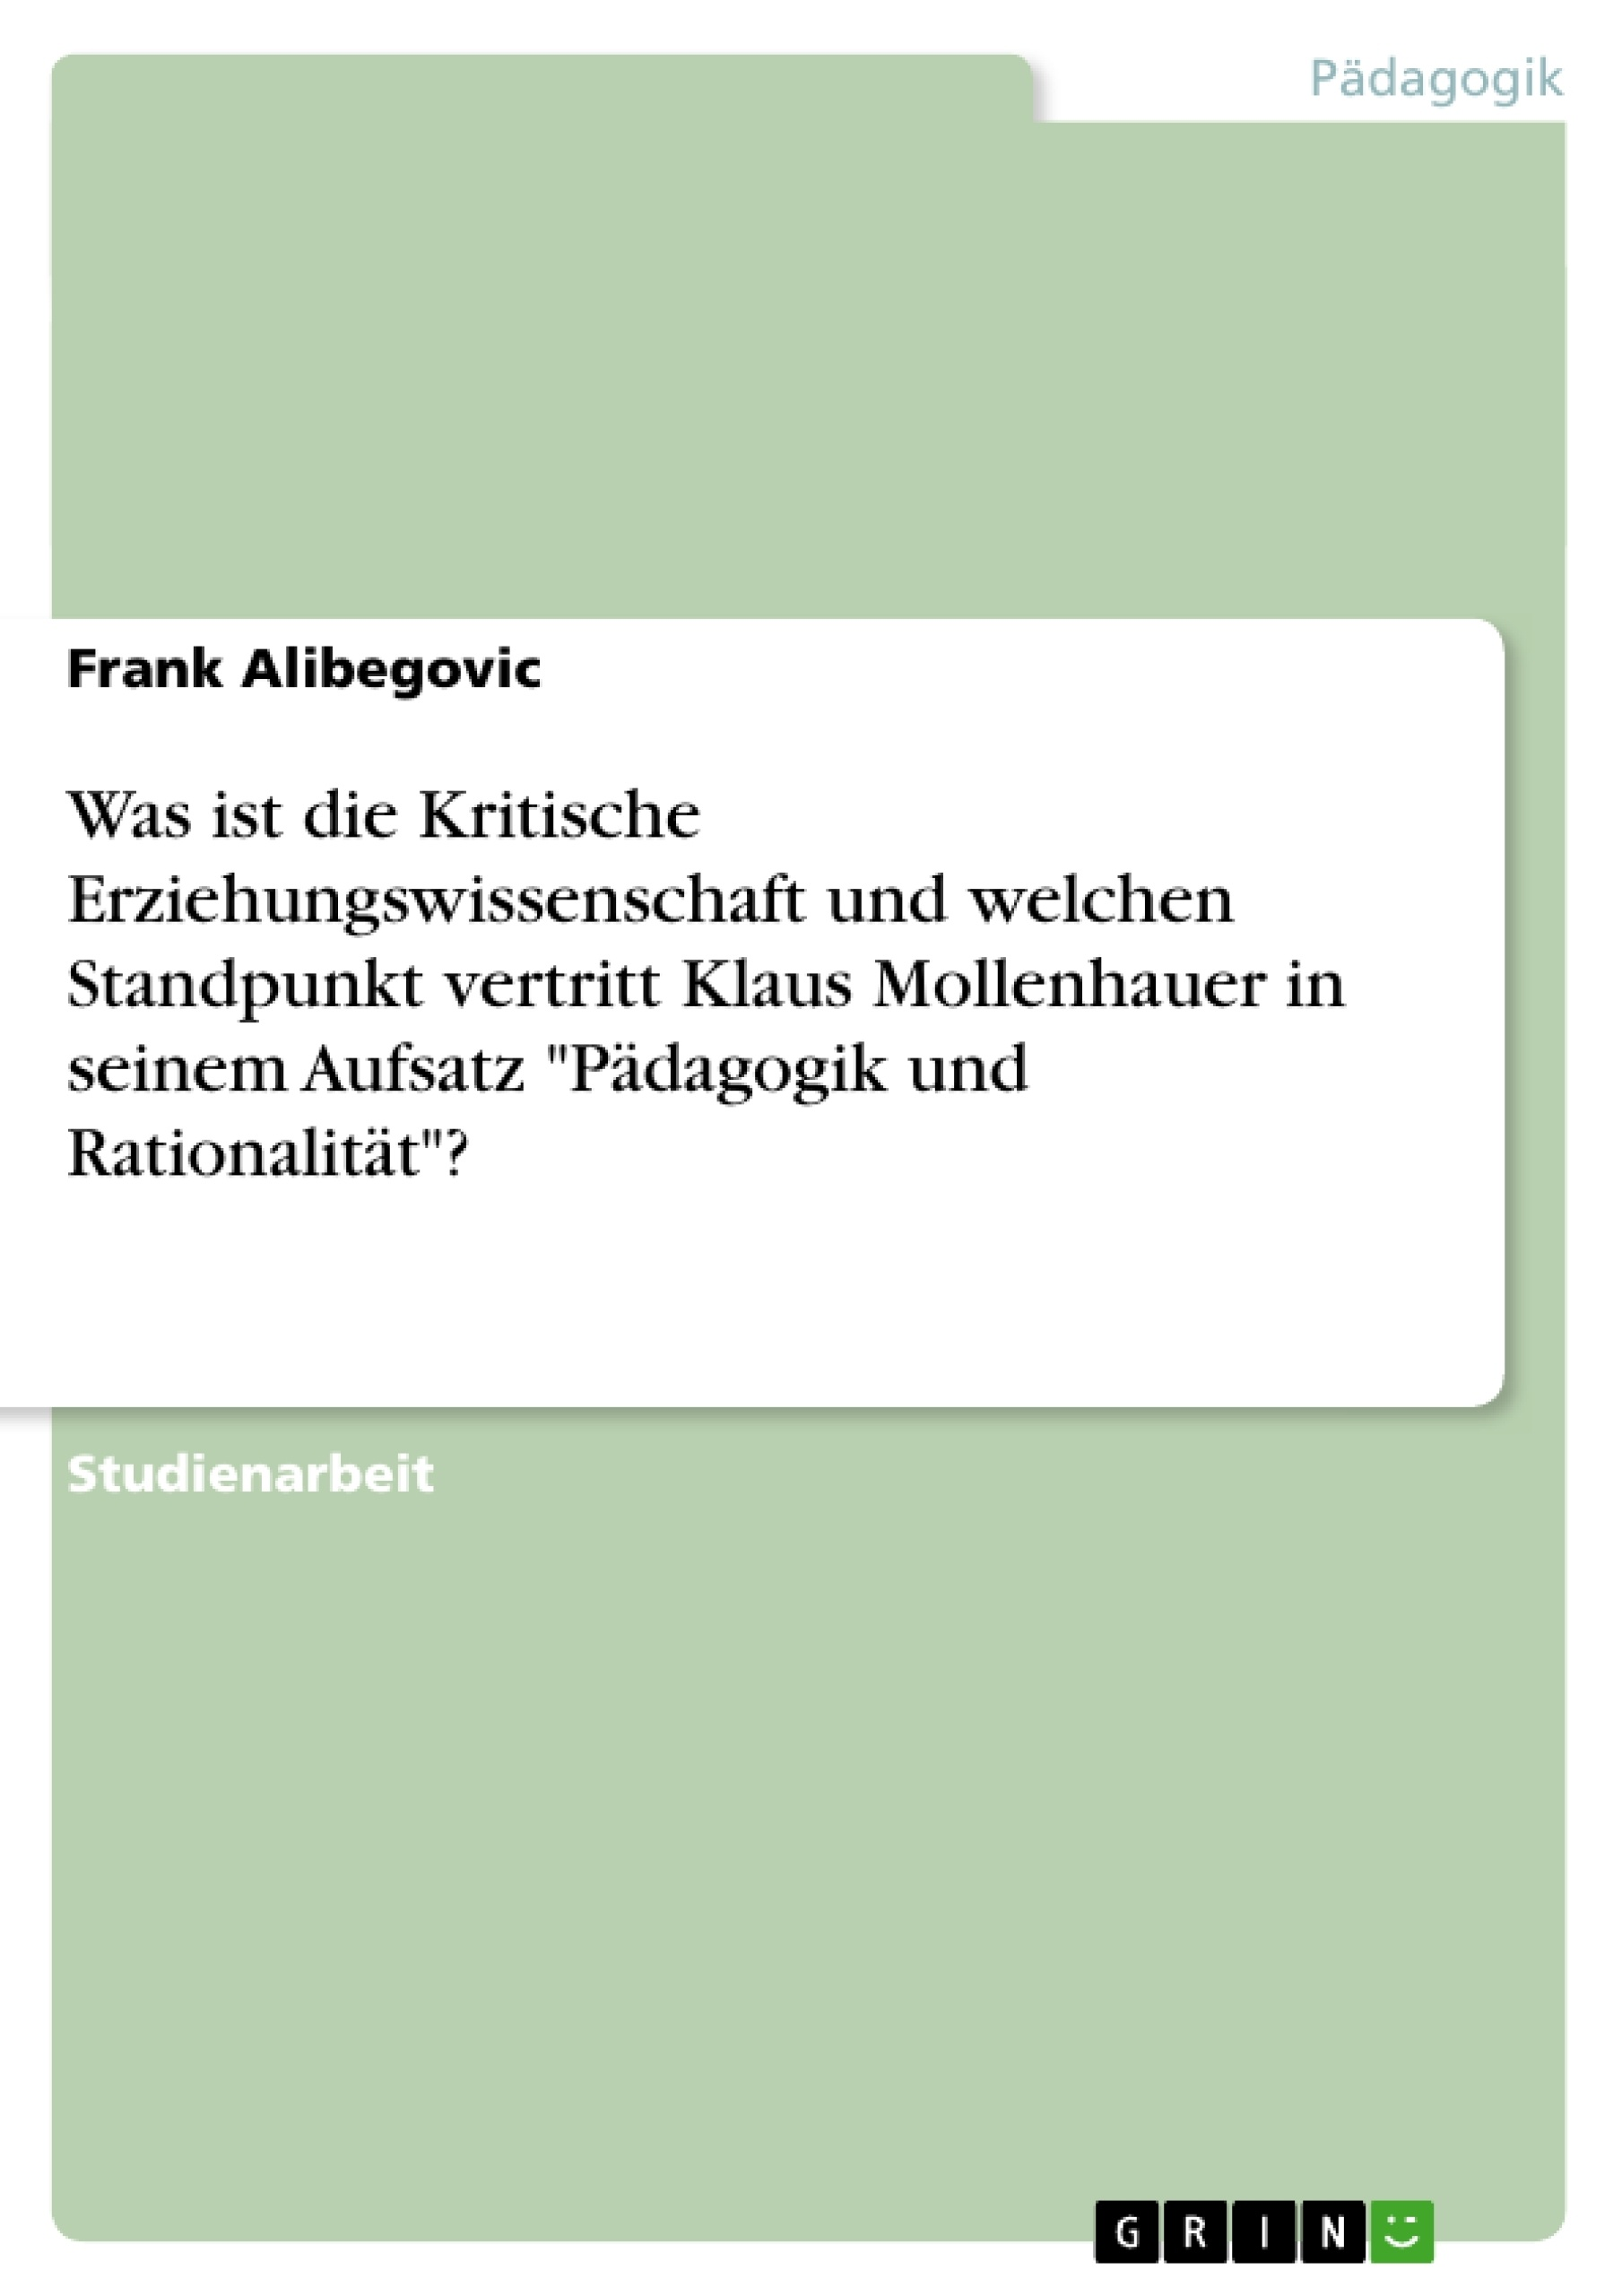 """Titel: Was ist die Kritische Erziehungswissenschaft und welchen Standpunkt vertritt Klaus Mollenhauer in seinem Aufsatz """"Pädagogik und Rationalität""""?"""